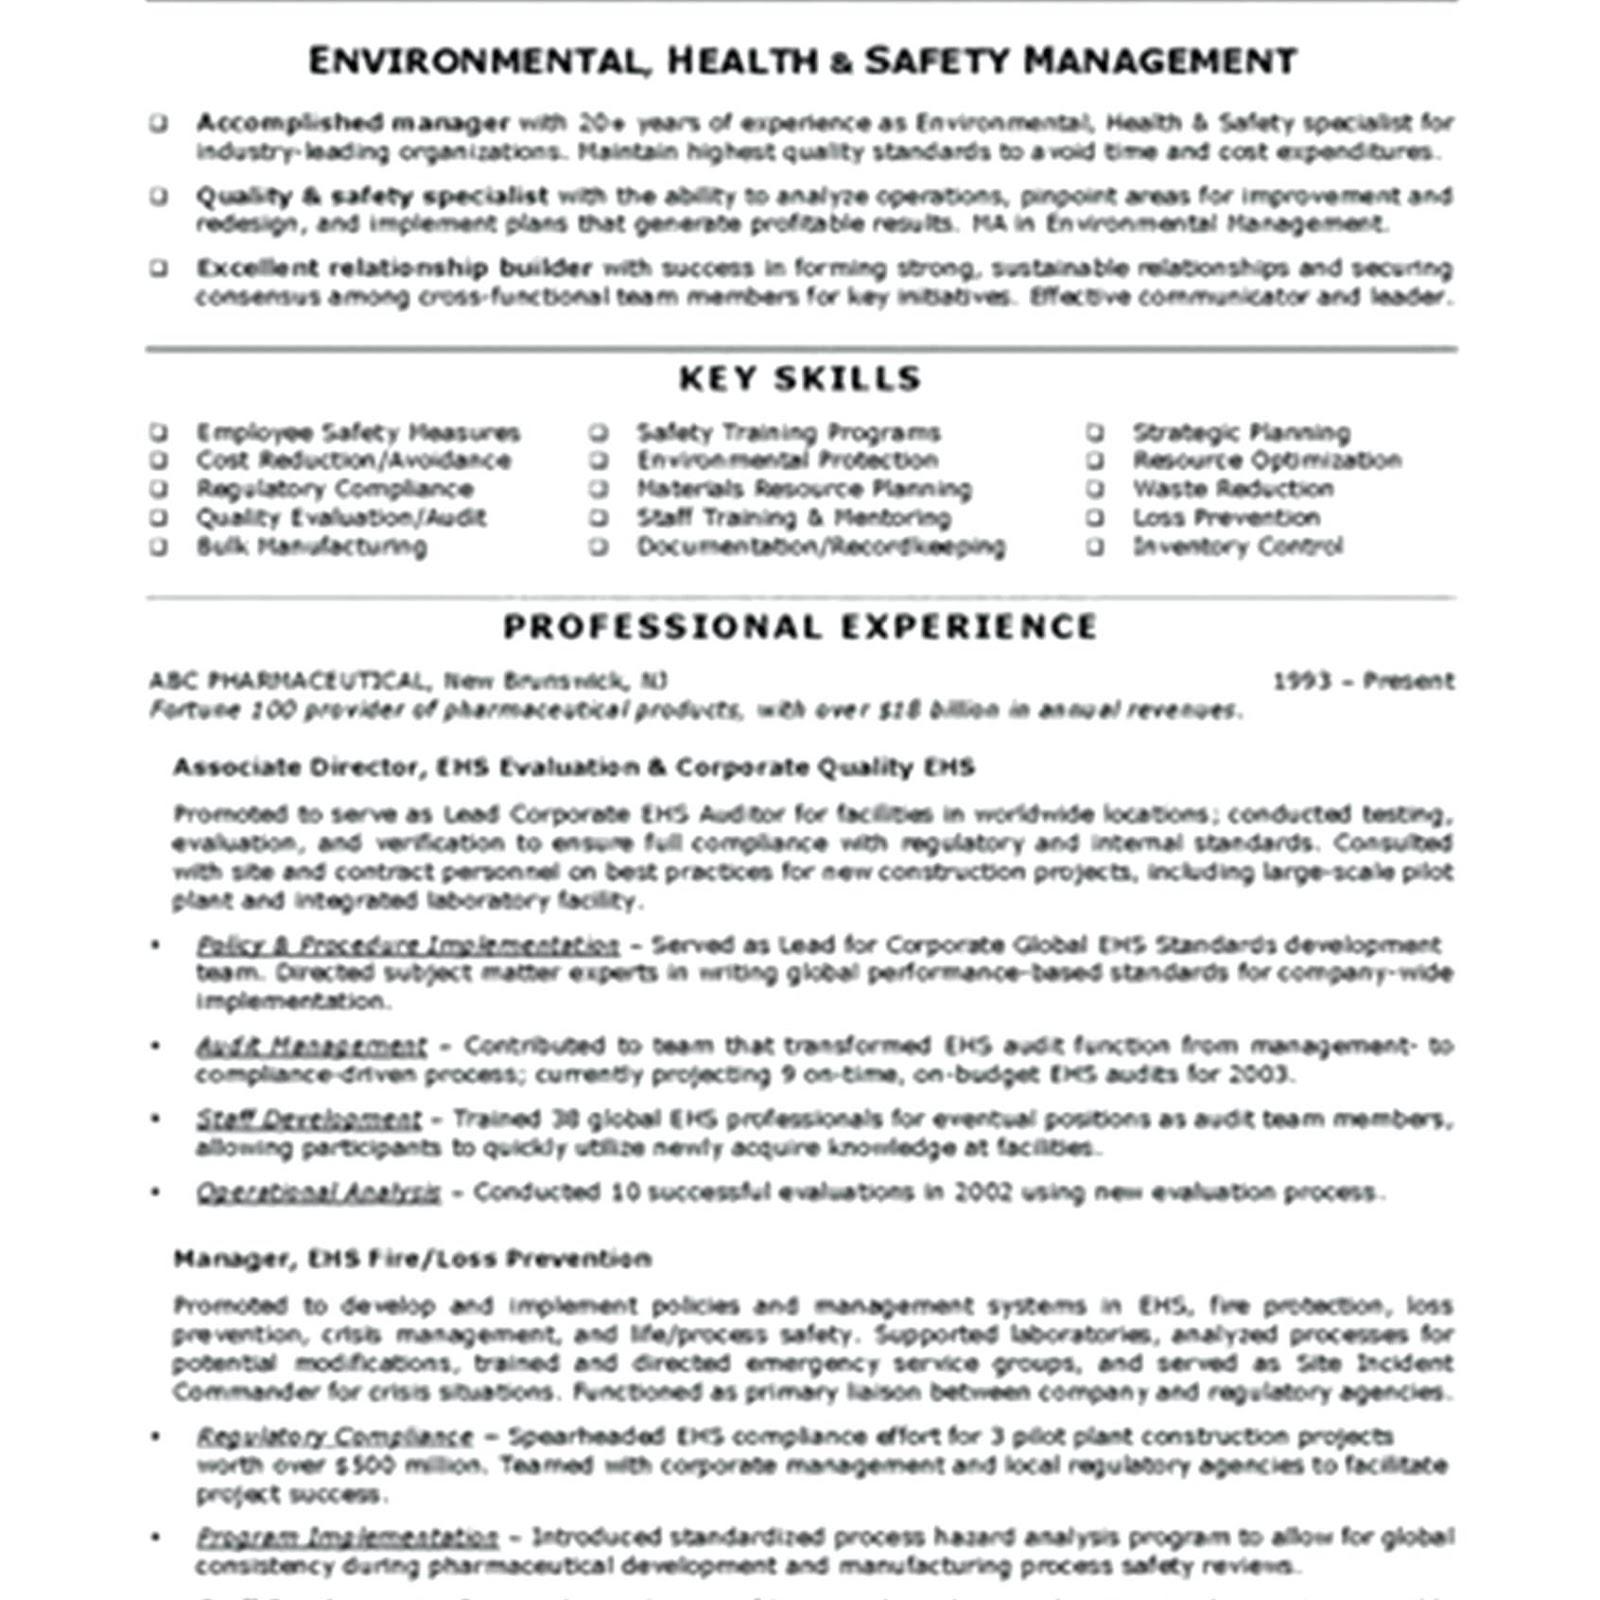 safety officer resume pdf 2019 safety officer resume doc safety officer resume samples safety officer resume objective safety officer resume format pdf safety officer resume fresher safety officer resume in india